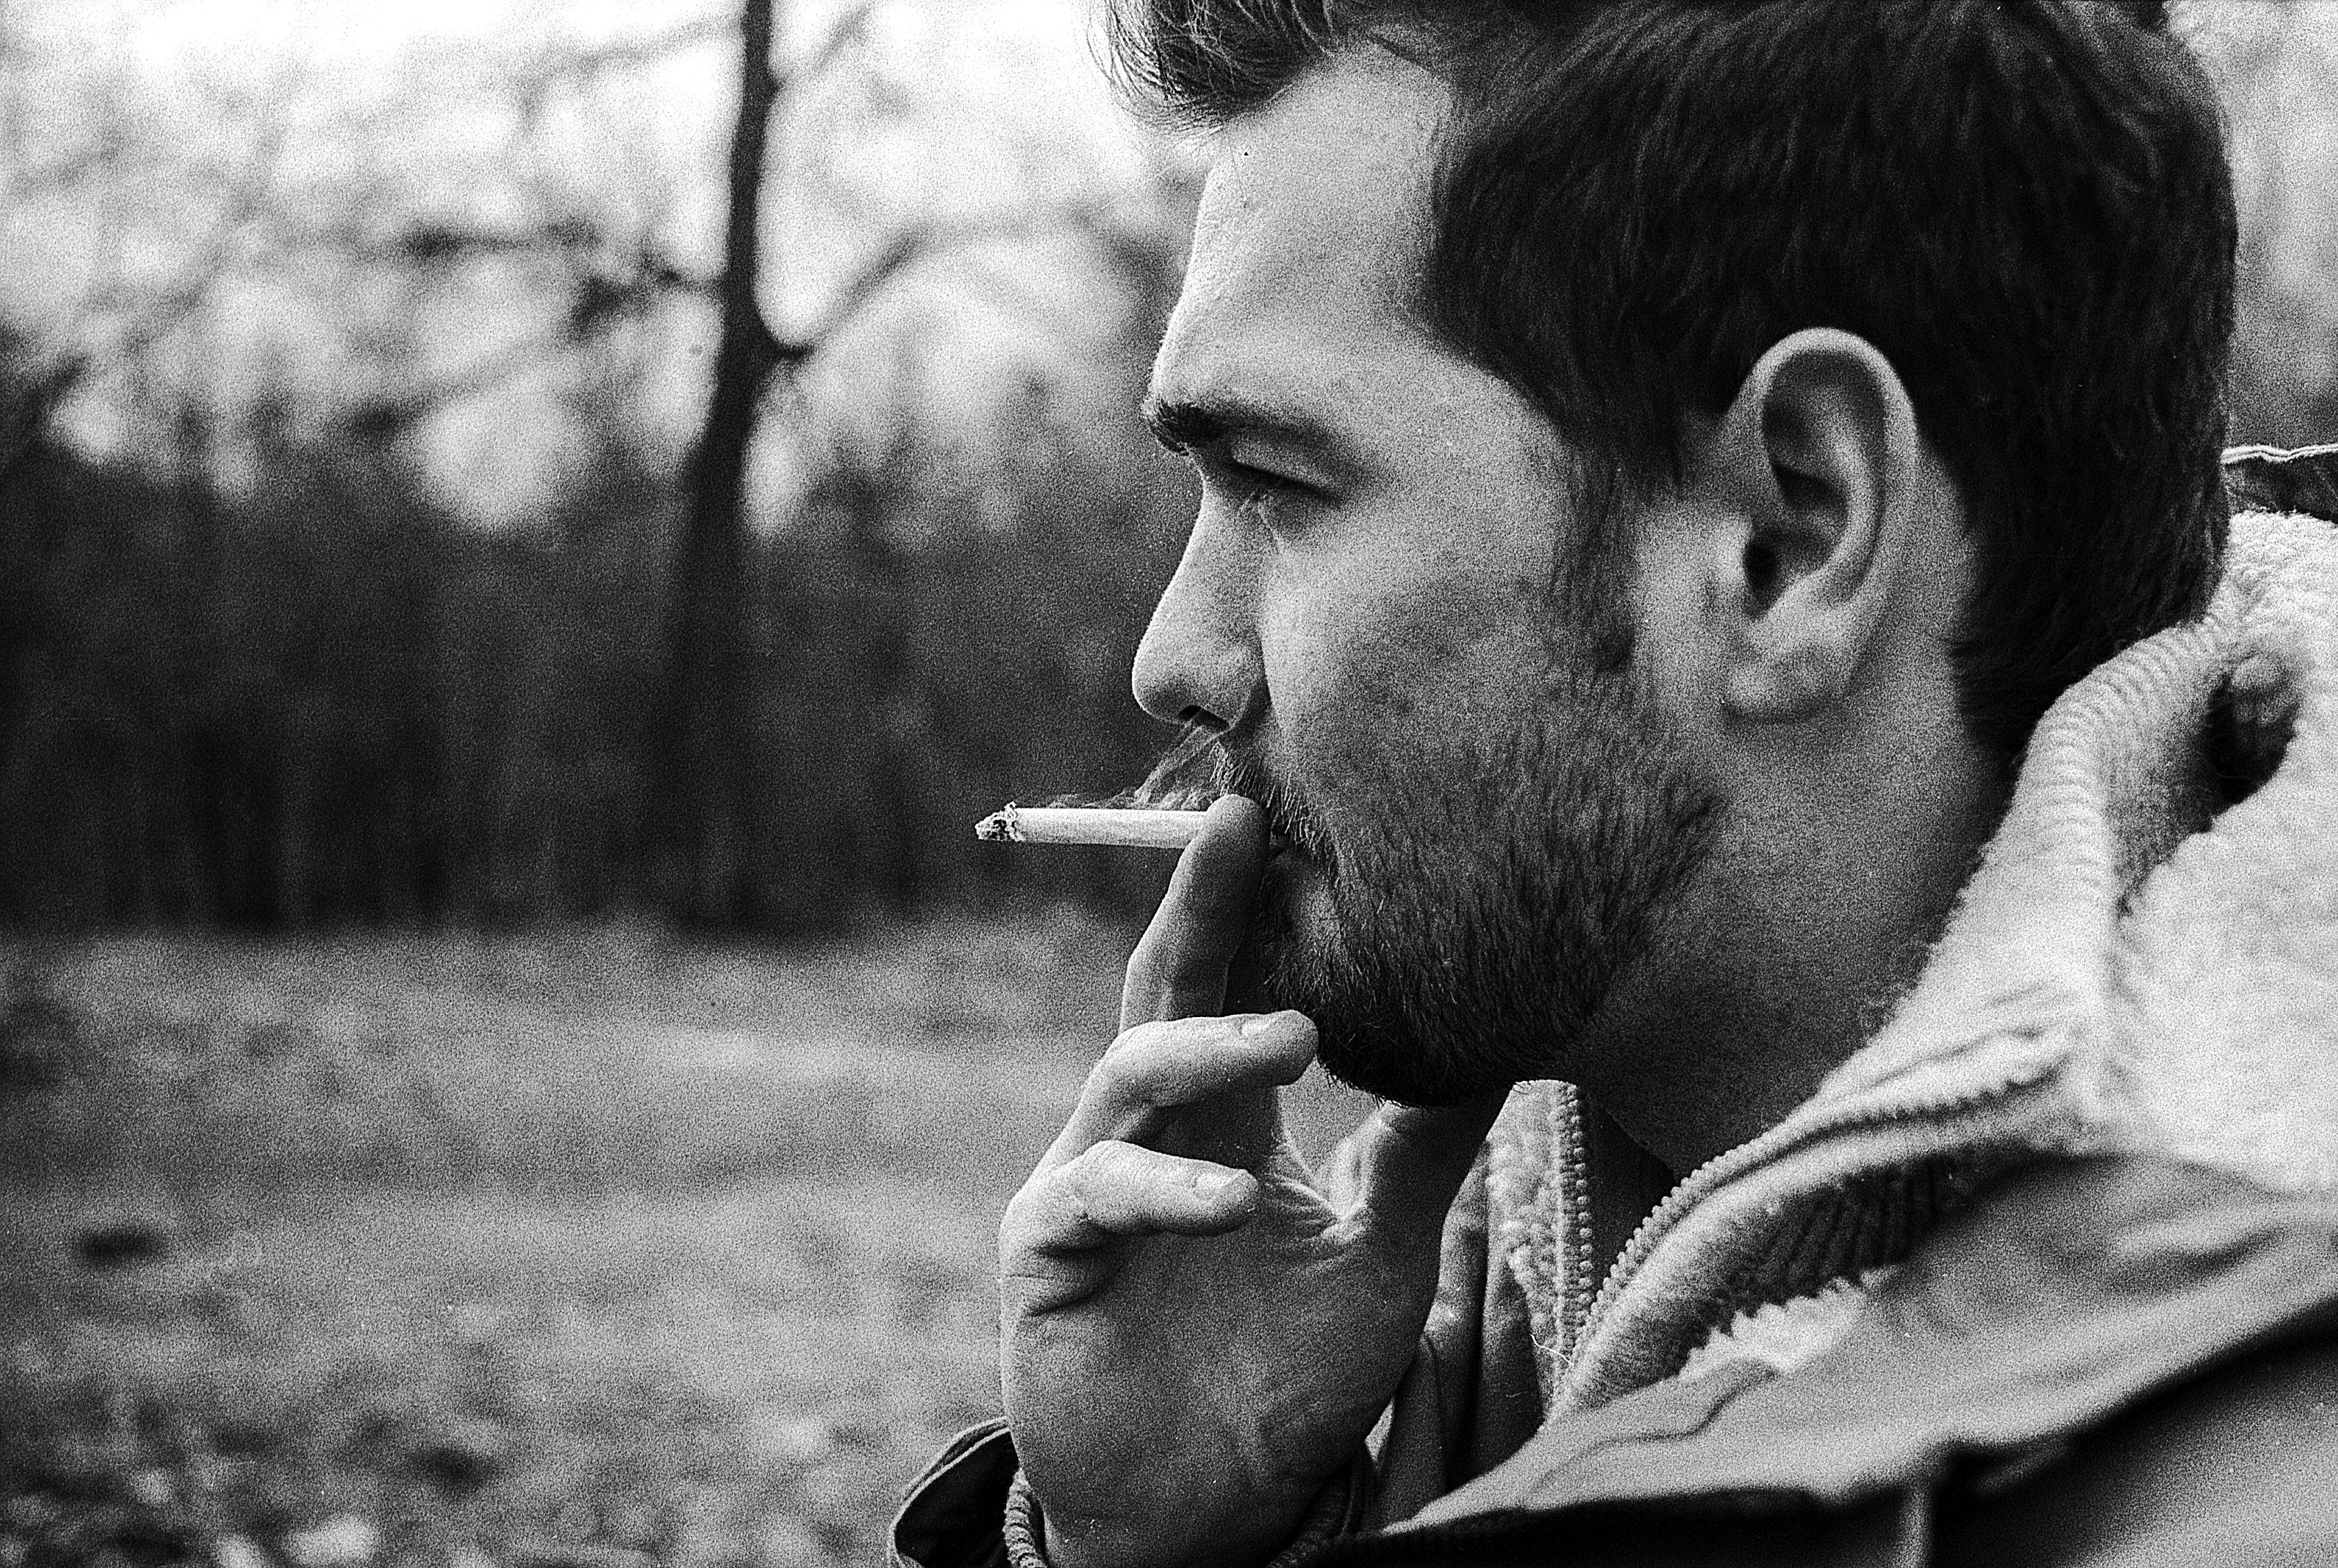 660 Gambar Keren Orang Merokok Gratis Terbaru